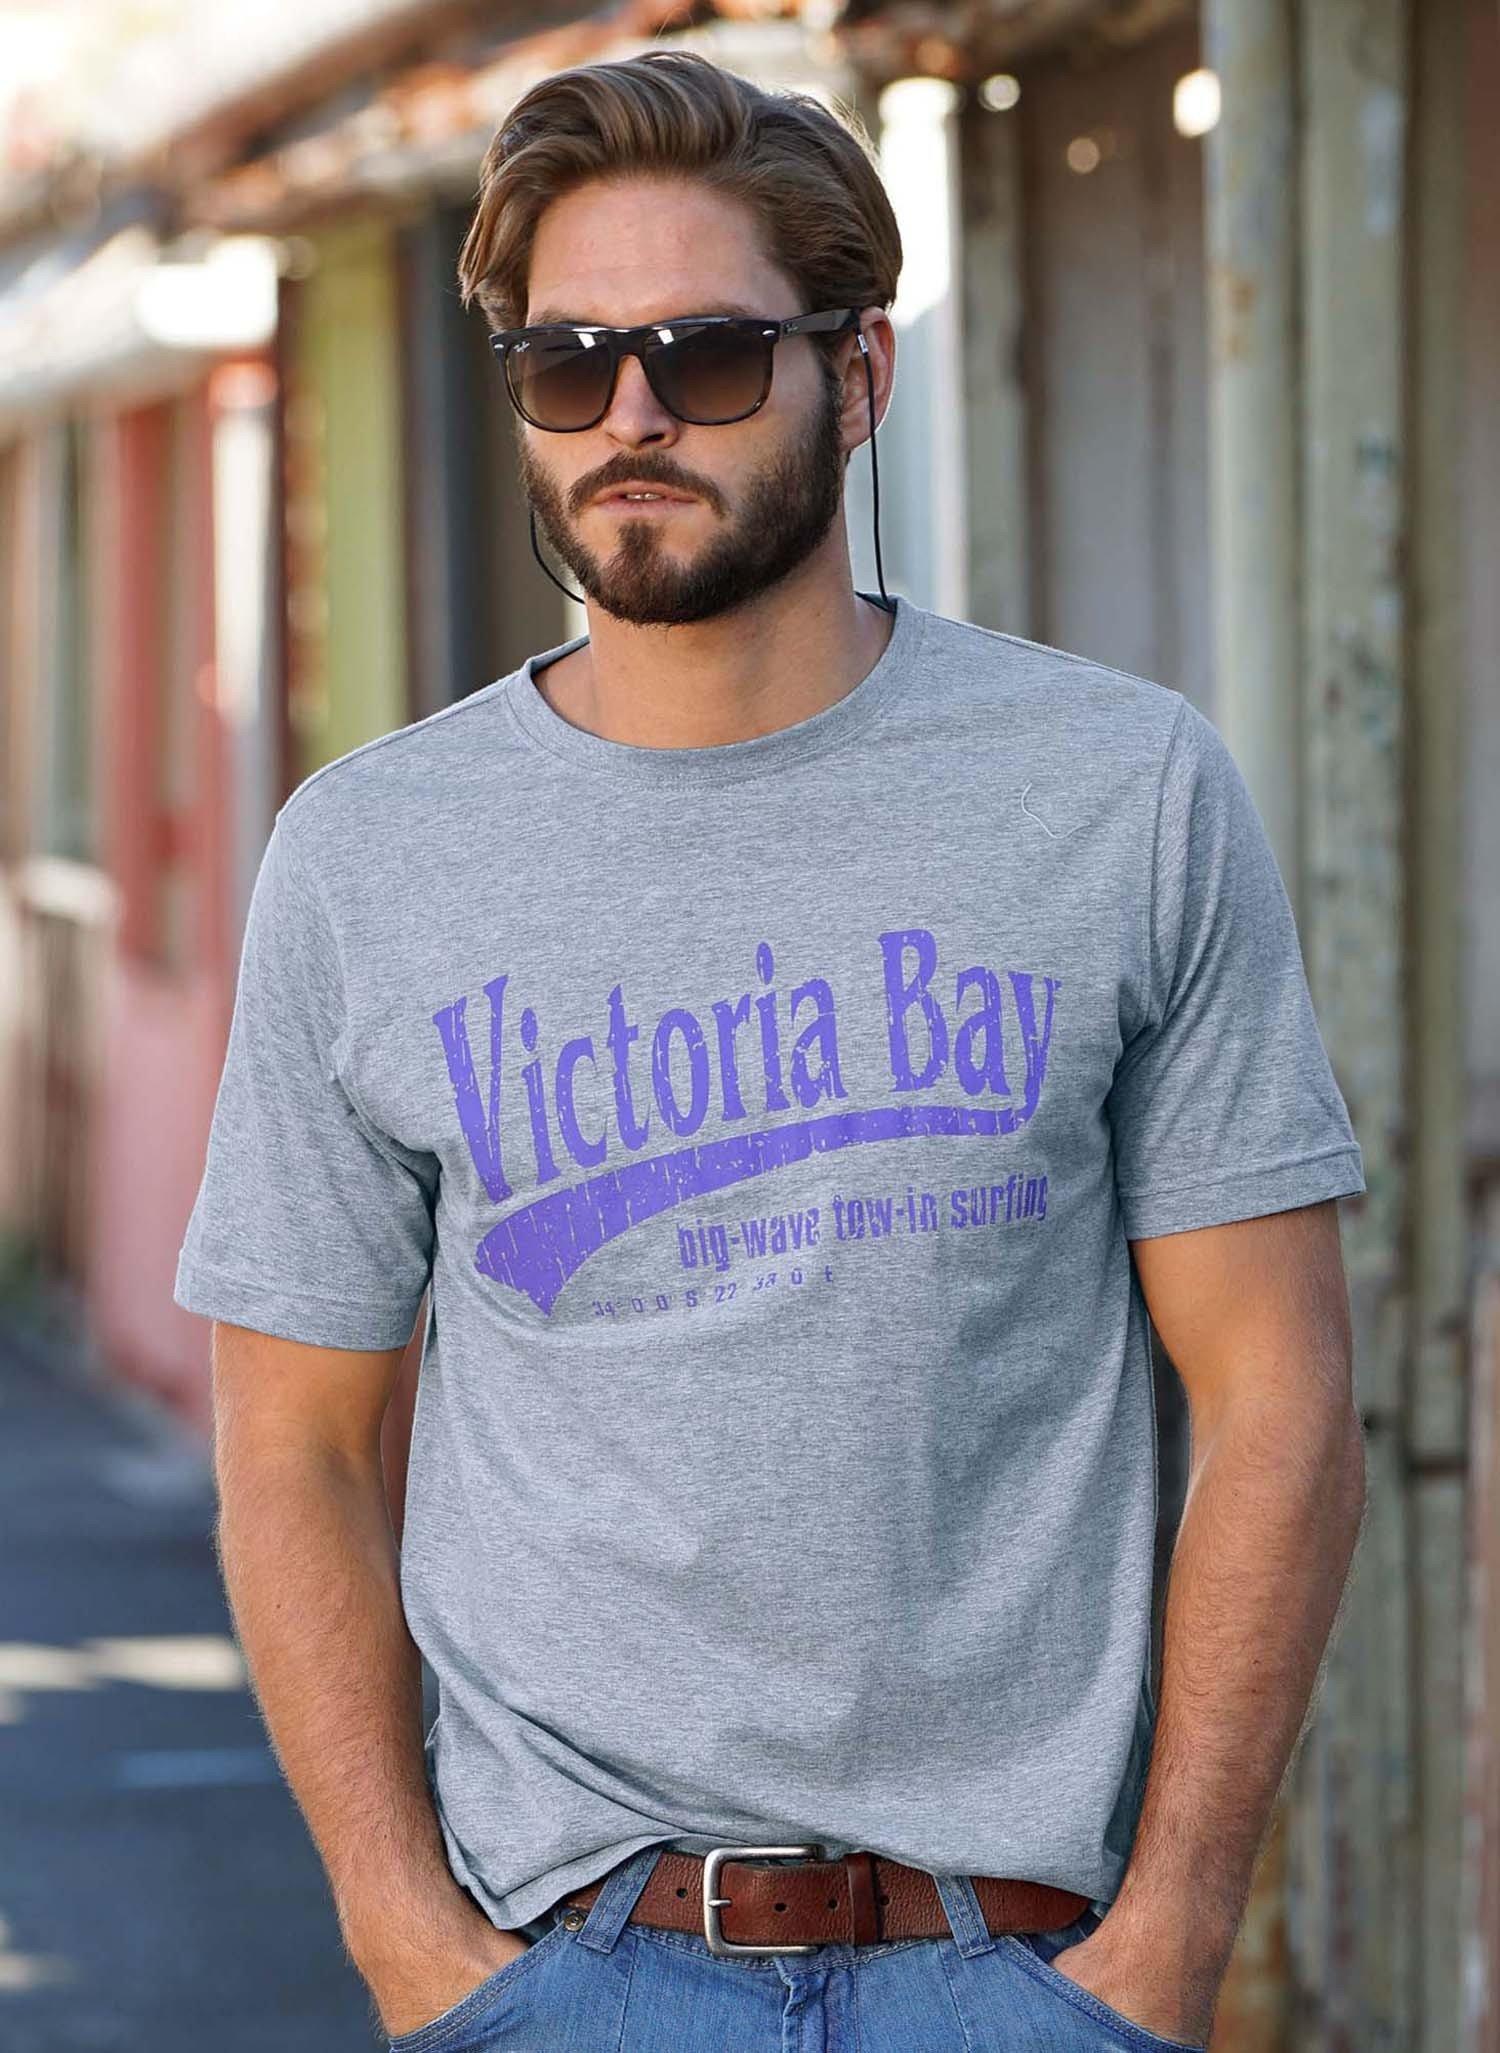 """H-KA-Shirt""""Victory-Bay""""grau m. L 004 - 2 - Ronja.ch"""